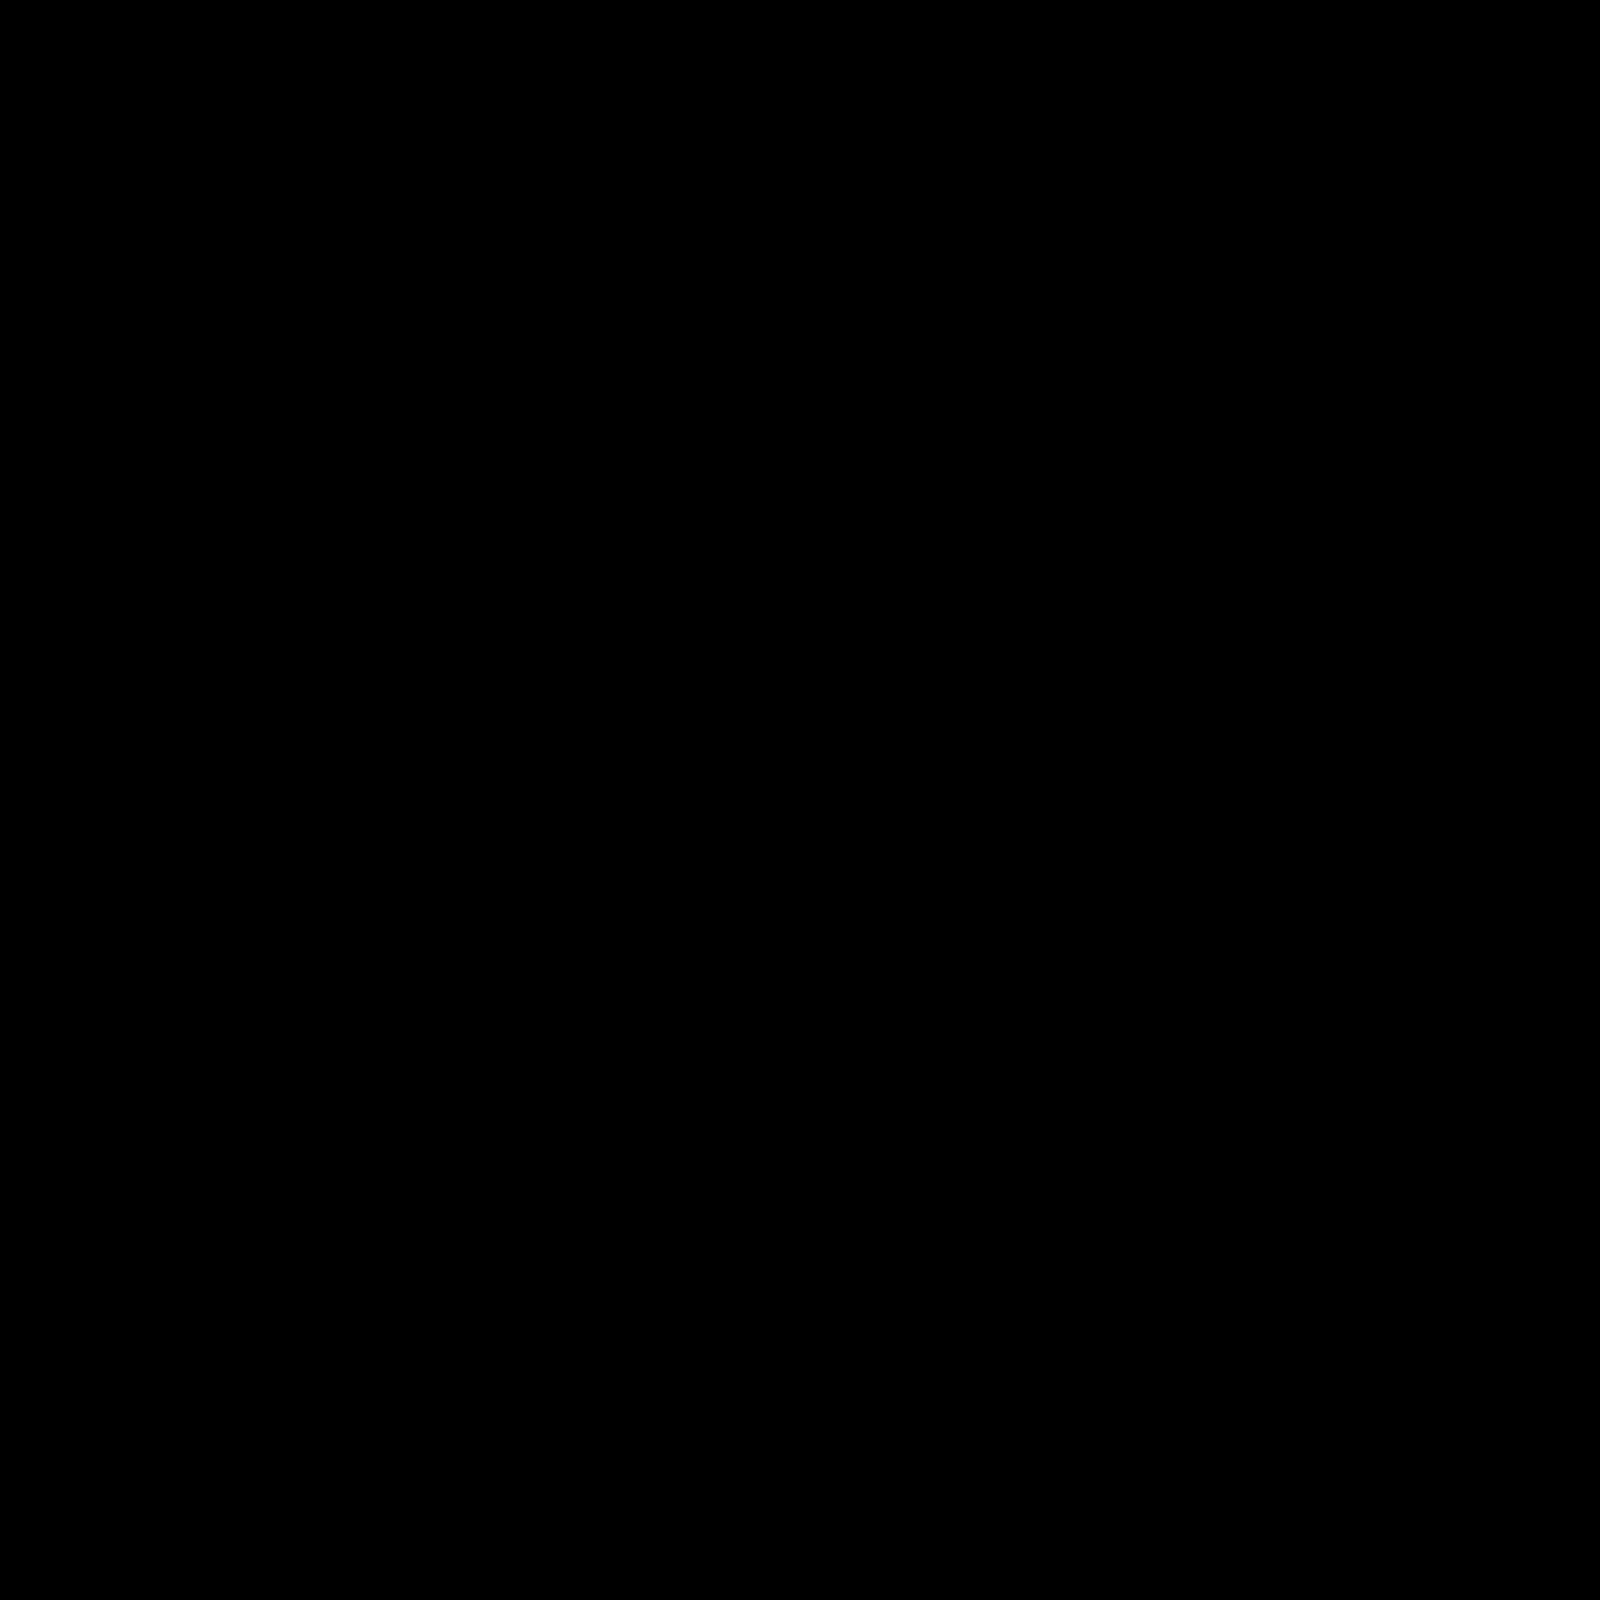 音楽 icon. The icon is a classic musical notation that one would find on a musical staff composition. In this case the musical note is an singular eighth note, also called a quaver.